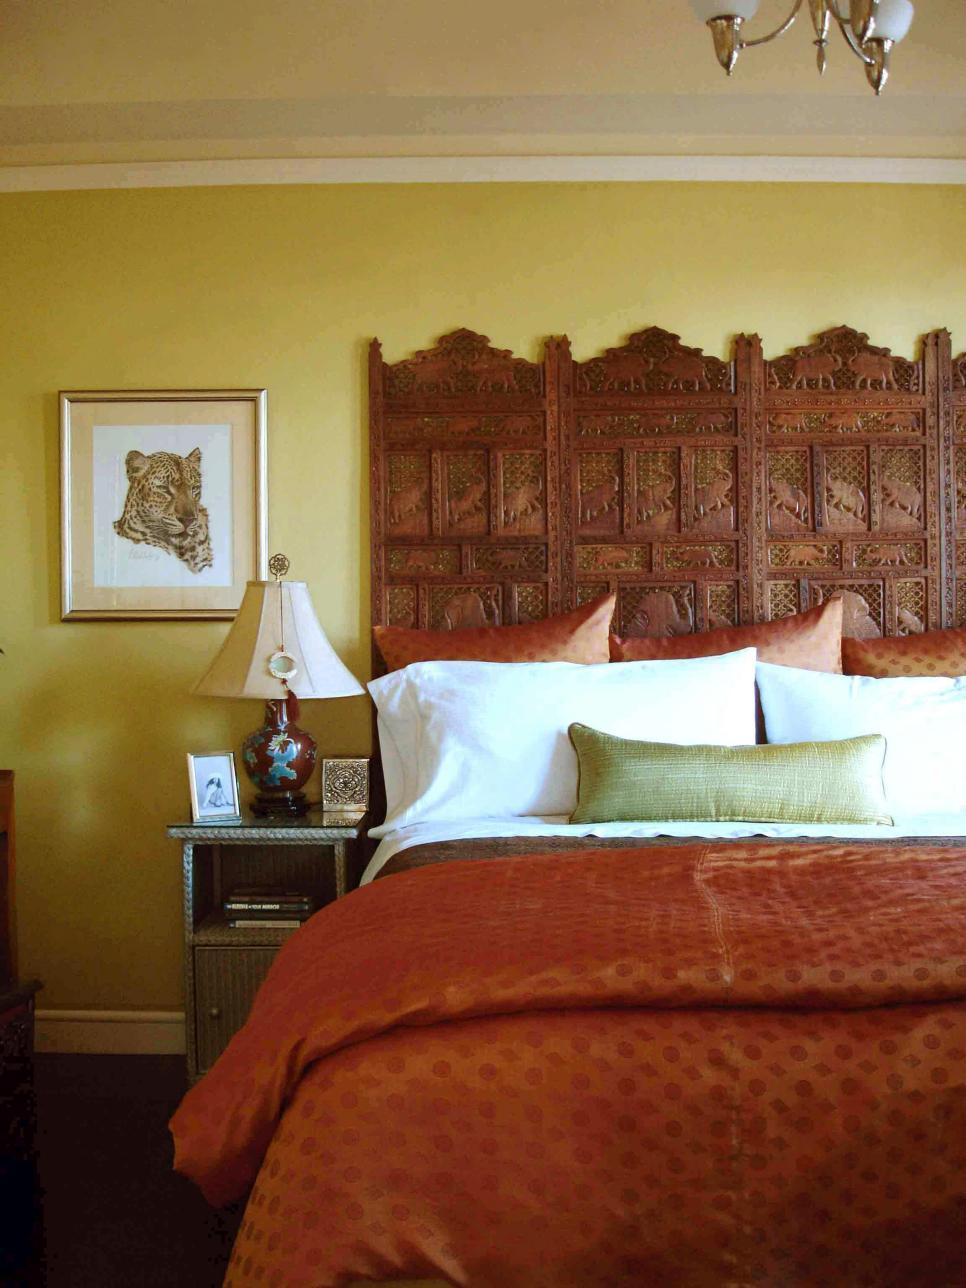 20 ไอเดียการตกแต่งหัวเตียงแบบ D.I.Y เพื่อให้ความสวยงามแก่ห้องนอน รูปที่ 17